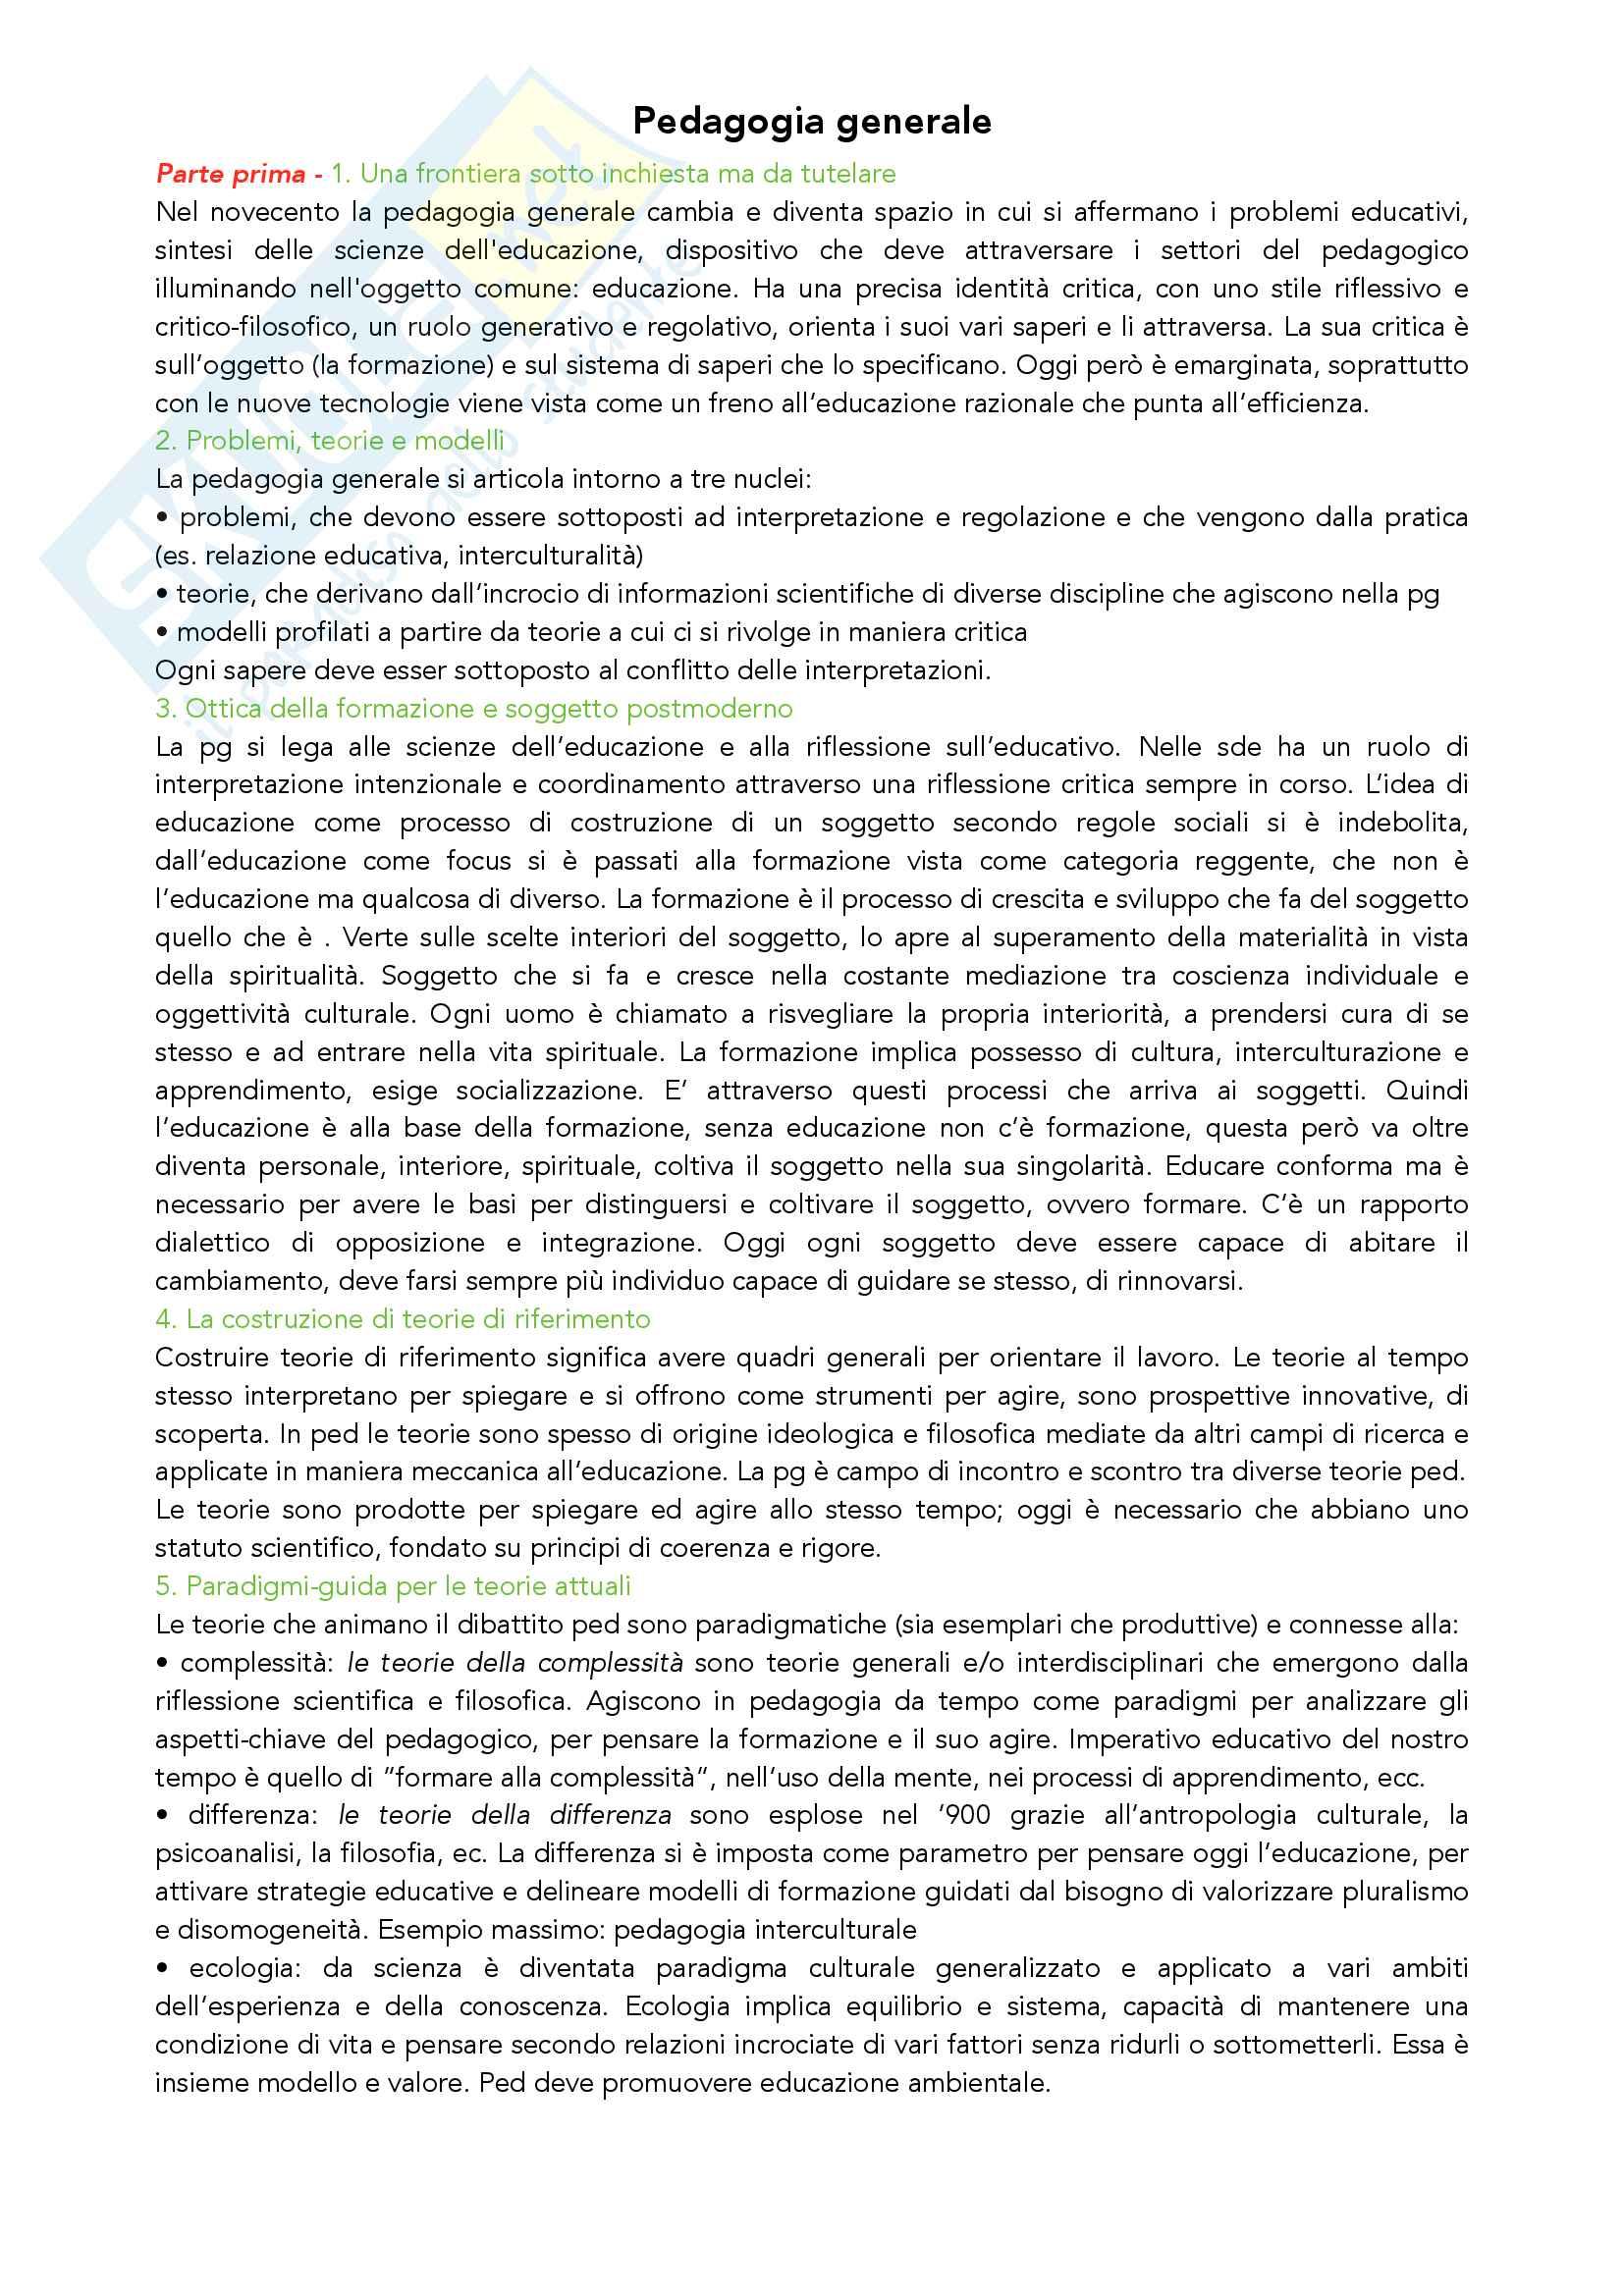 Riassunto esame Pedagogia Generale, prof. Madrussan, libro consigliato Pedagogia Generale, Cambi